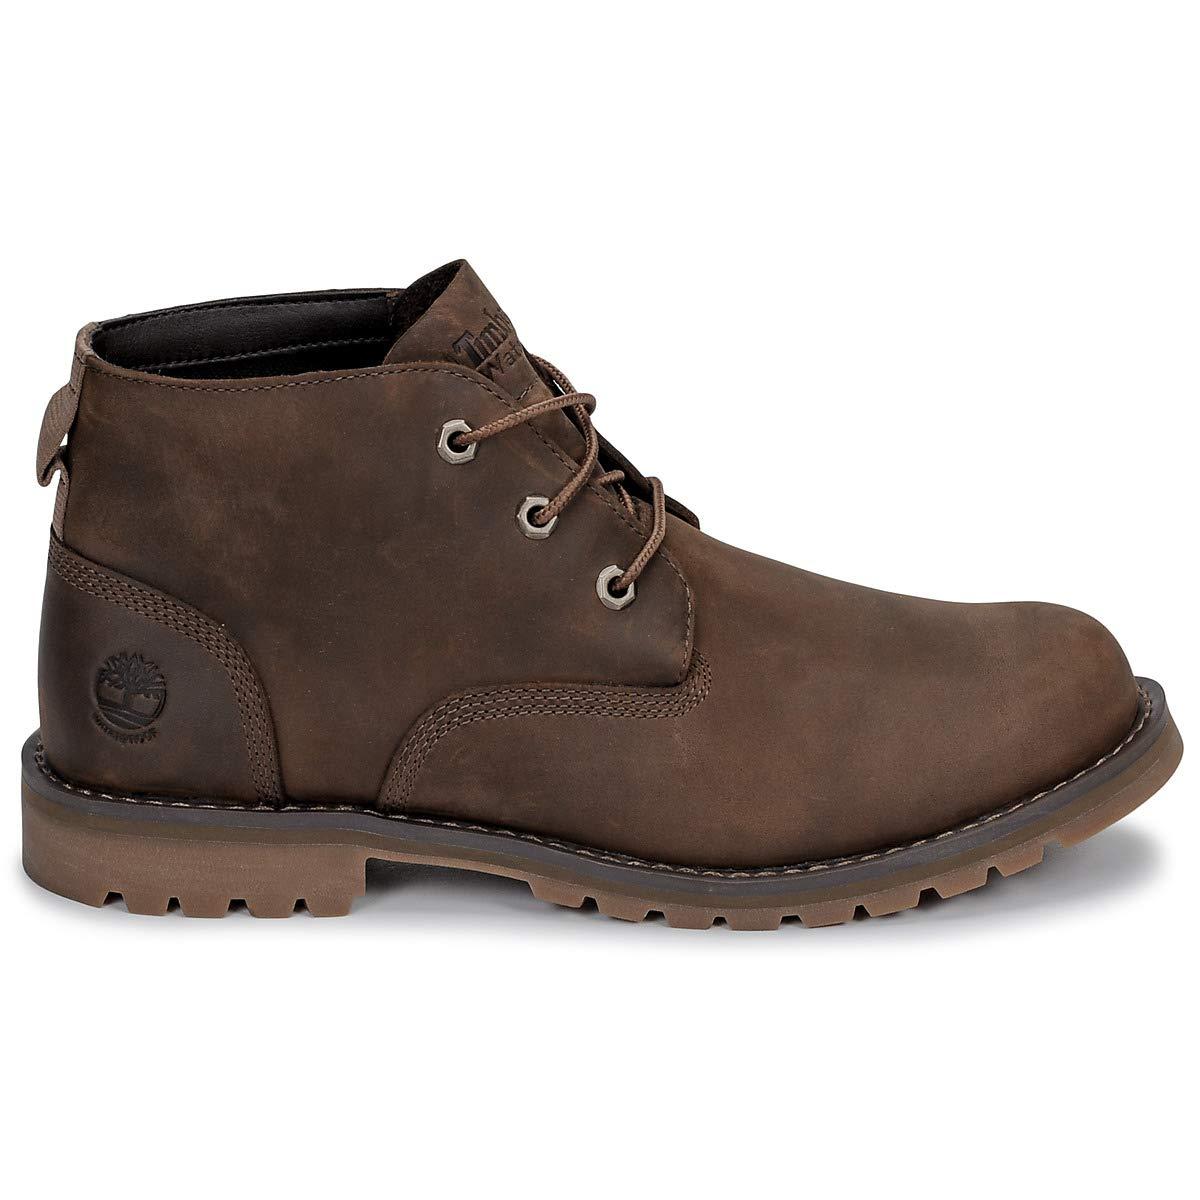 Timberland Herren Larchmont Waterproof Chukka Boots